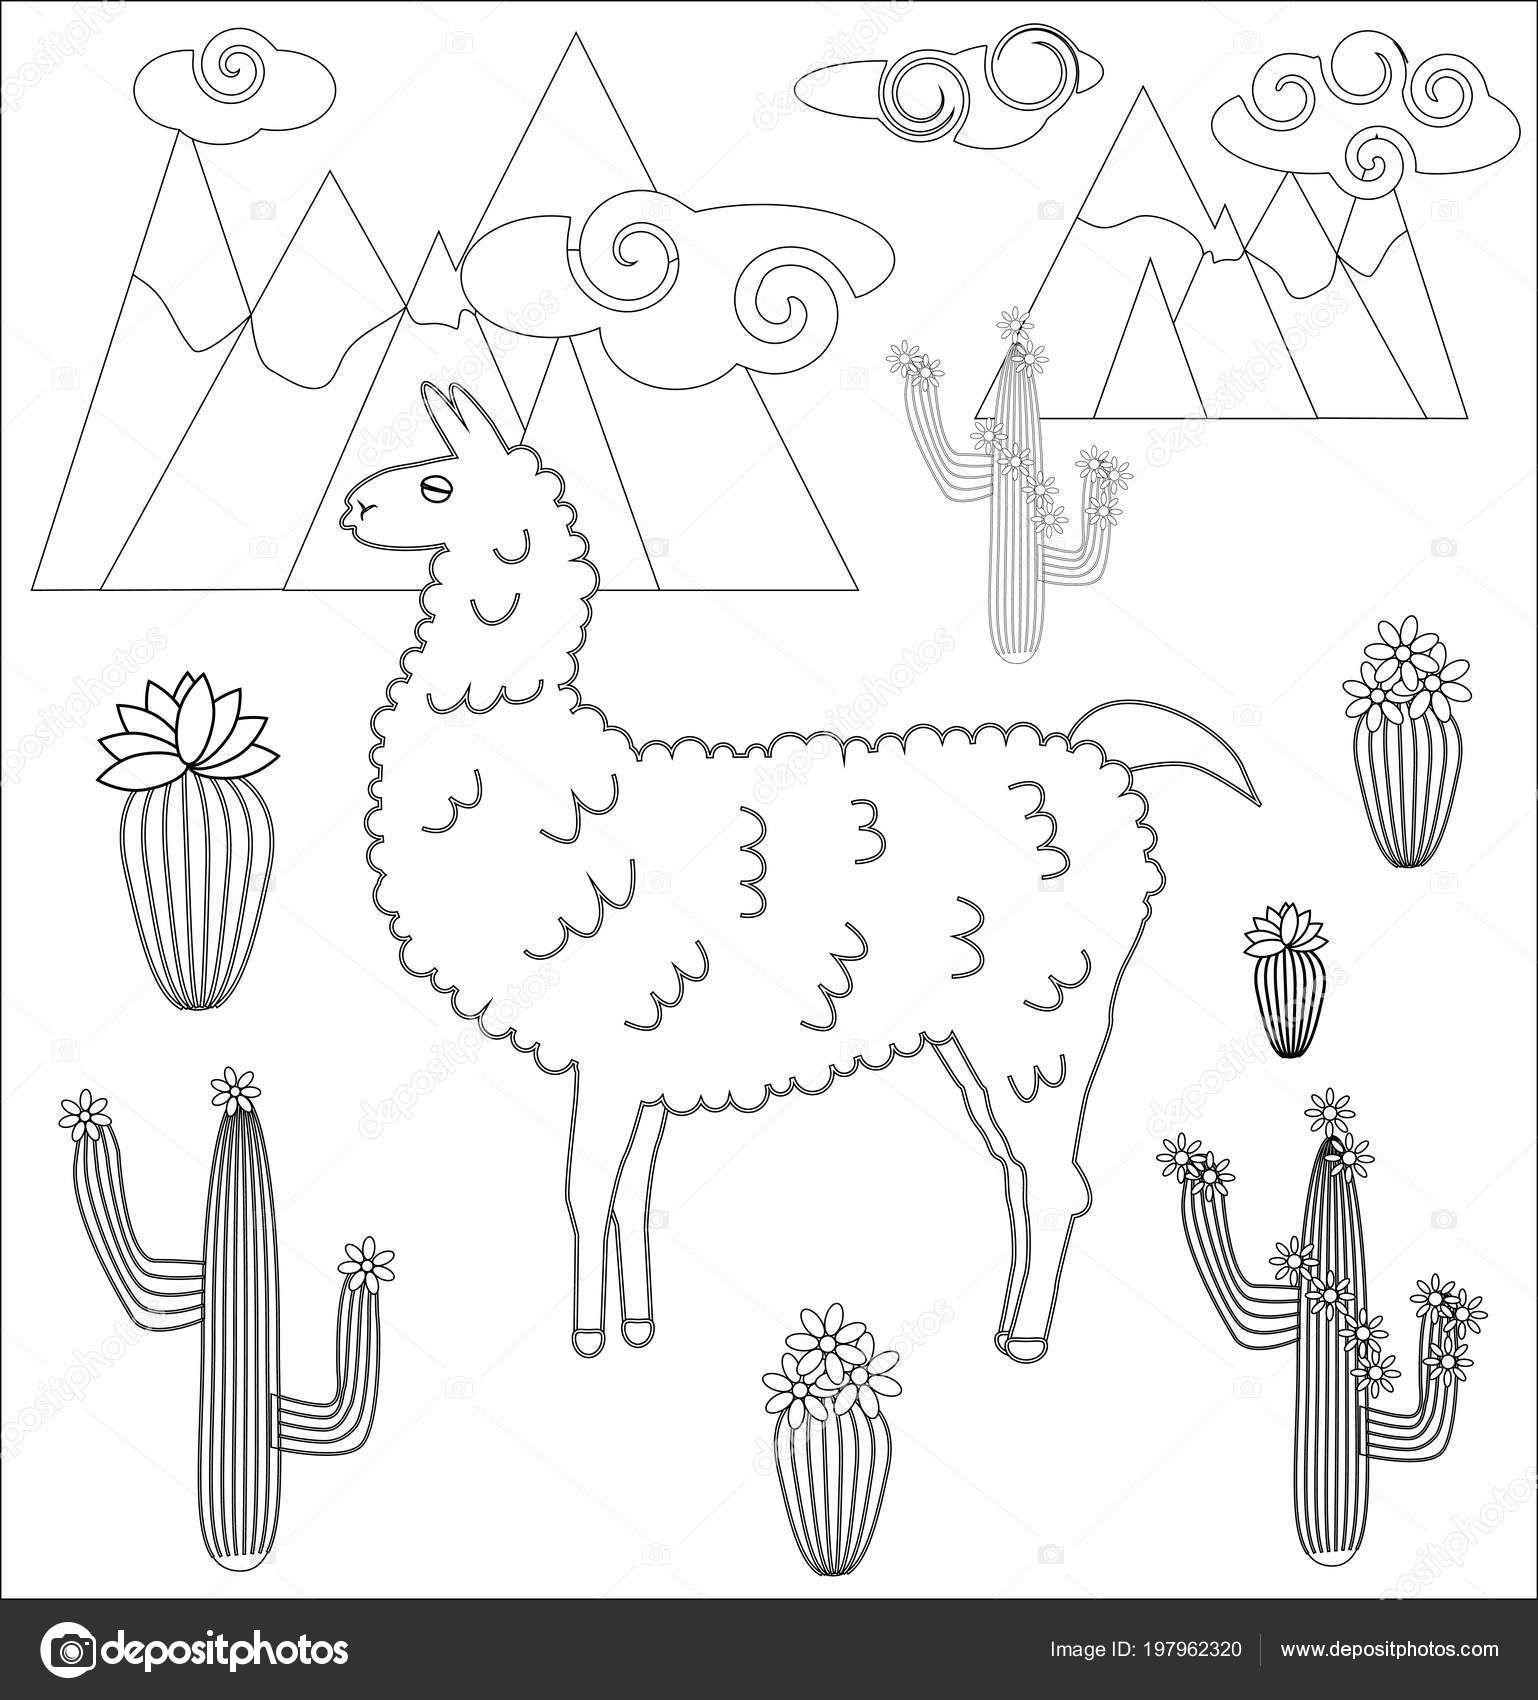 Pagina Para Colorear Dibujos Animados Lama Lama Para Colorear Para